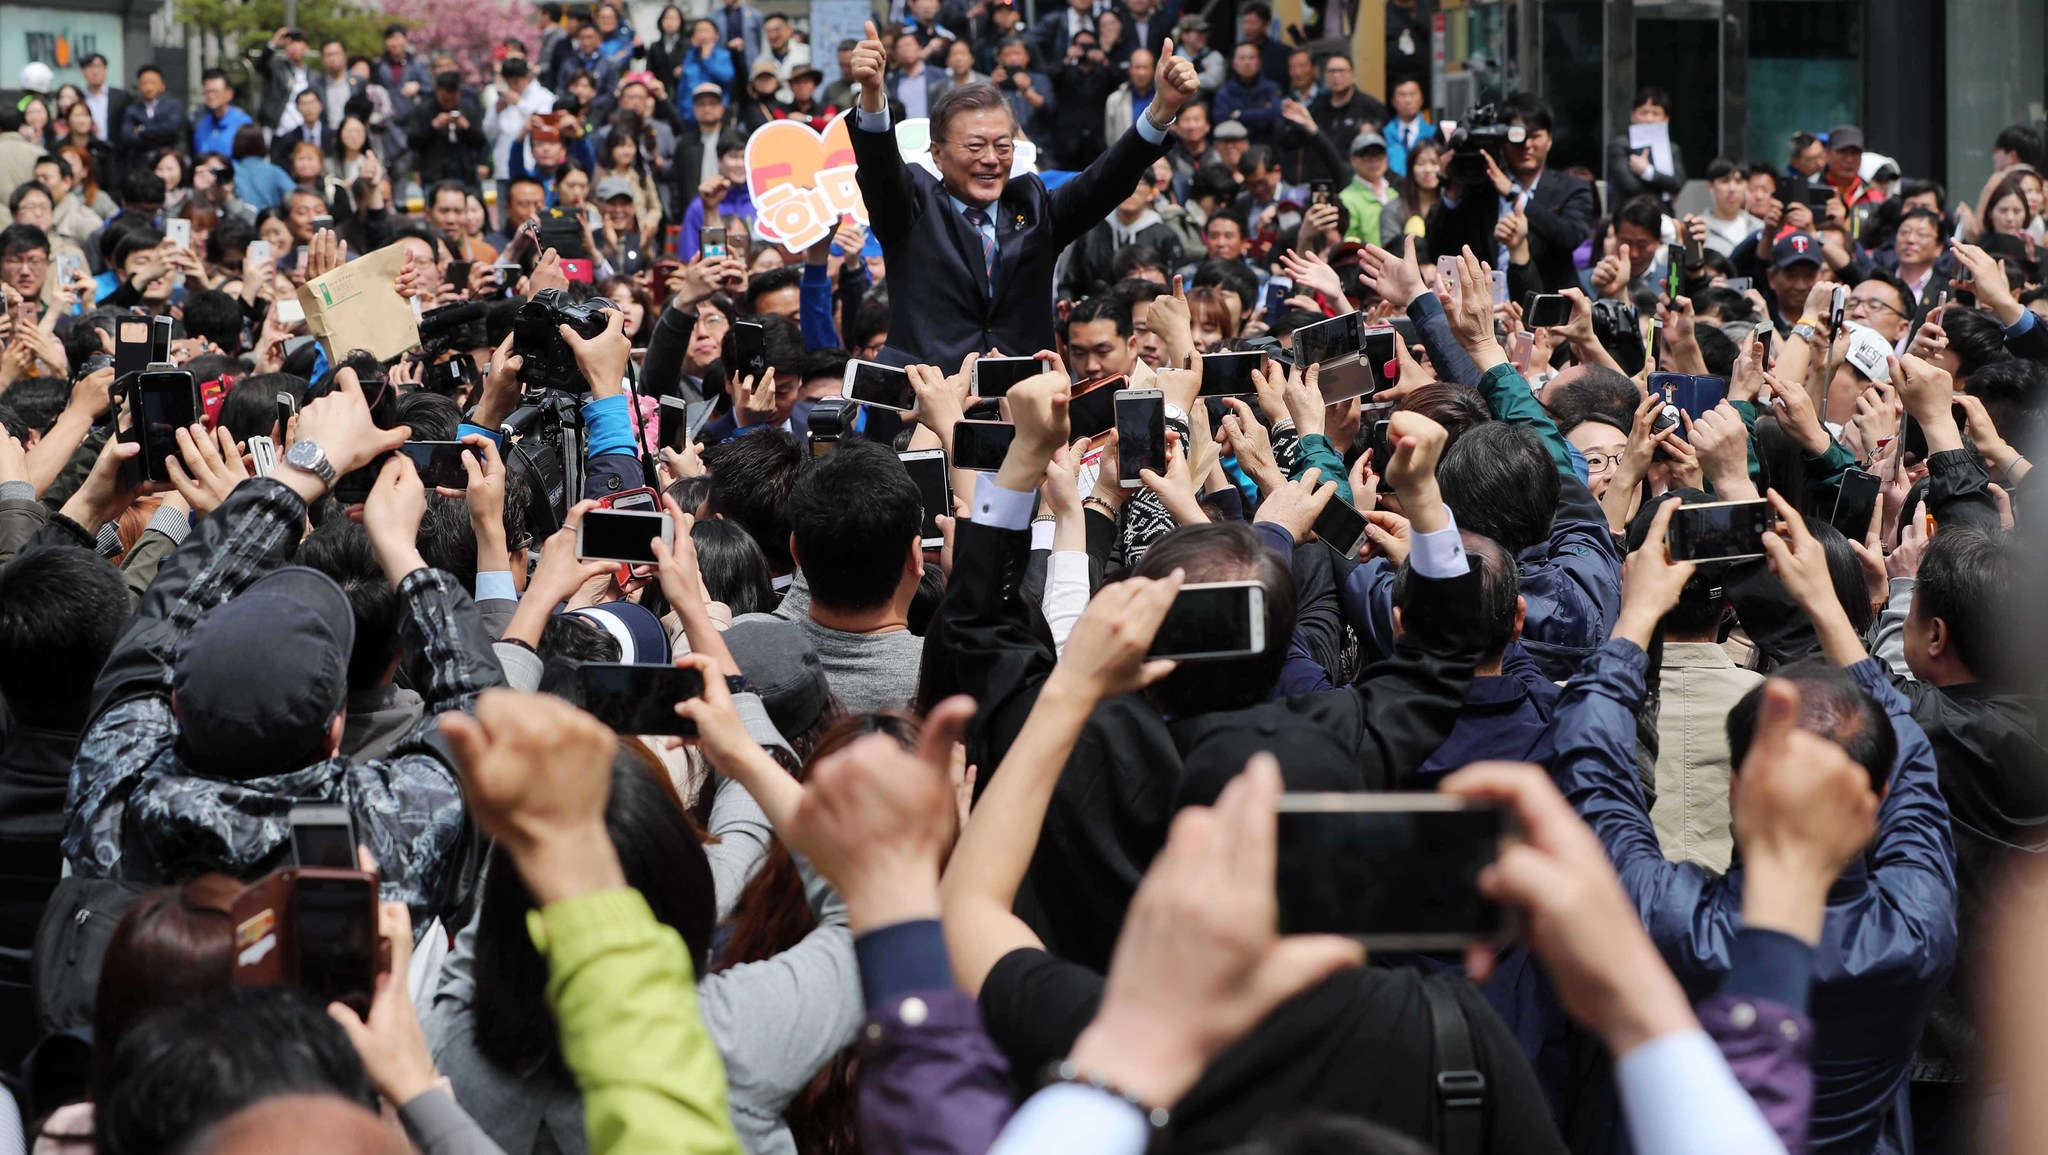 문재인 후보가 20일 춘천 중앙로에서 지지자들 사이에 들어가 환호에 손을 들어 답하고 있다. 오종택 기자